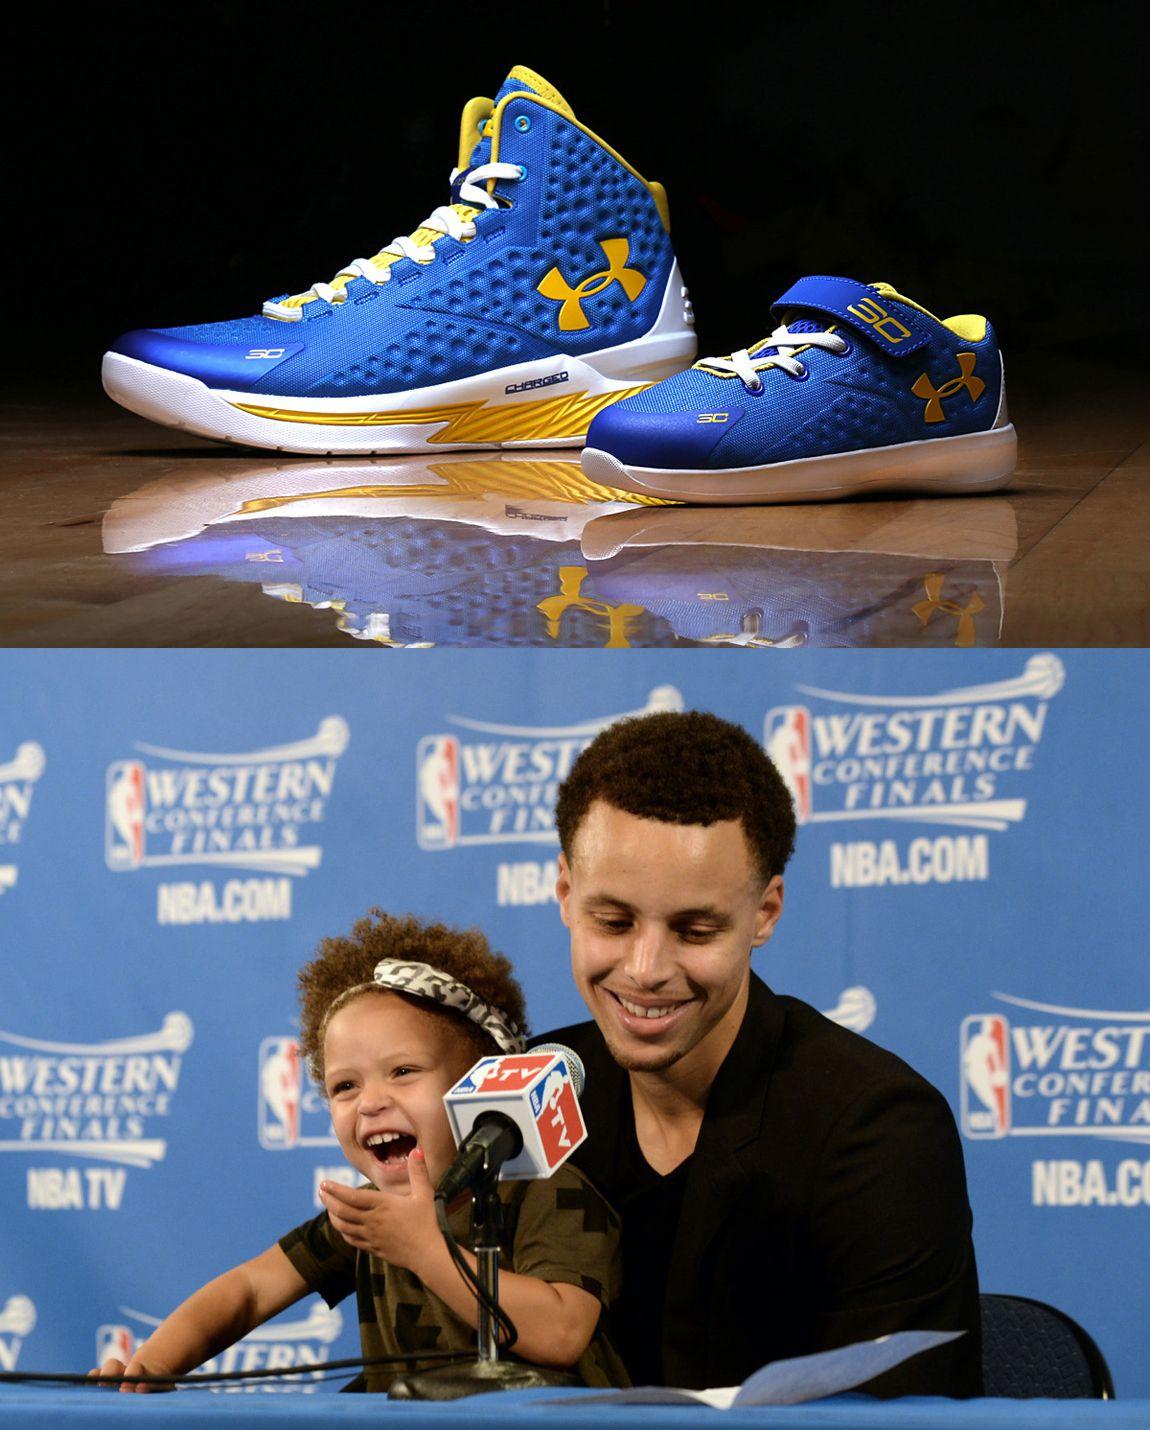 84d1e3c076ec Riley Curry s Under Armour shoe